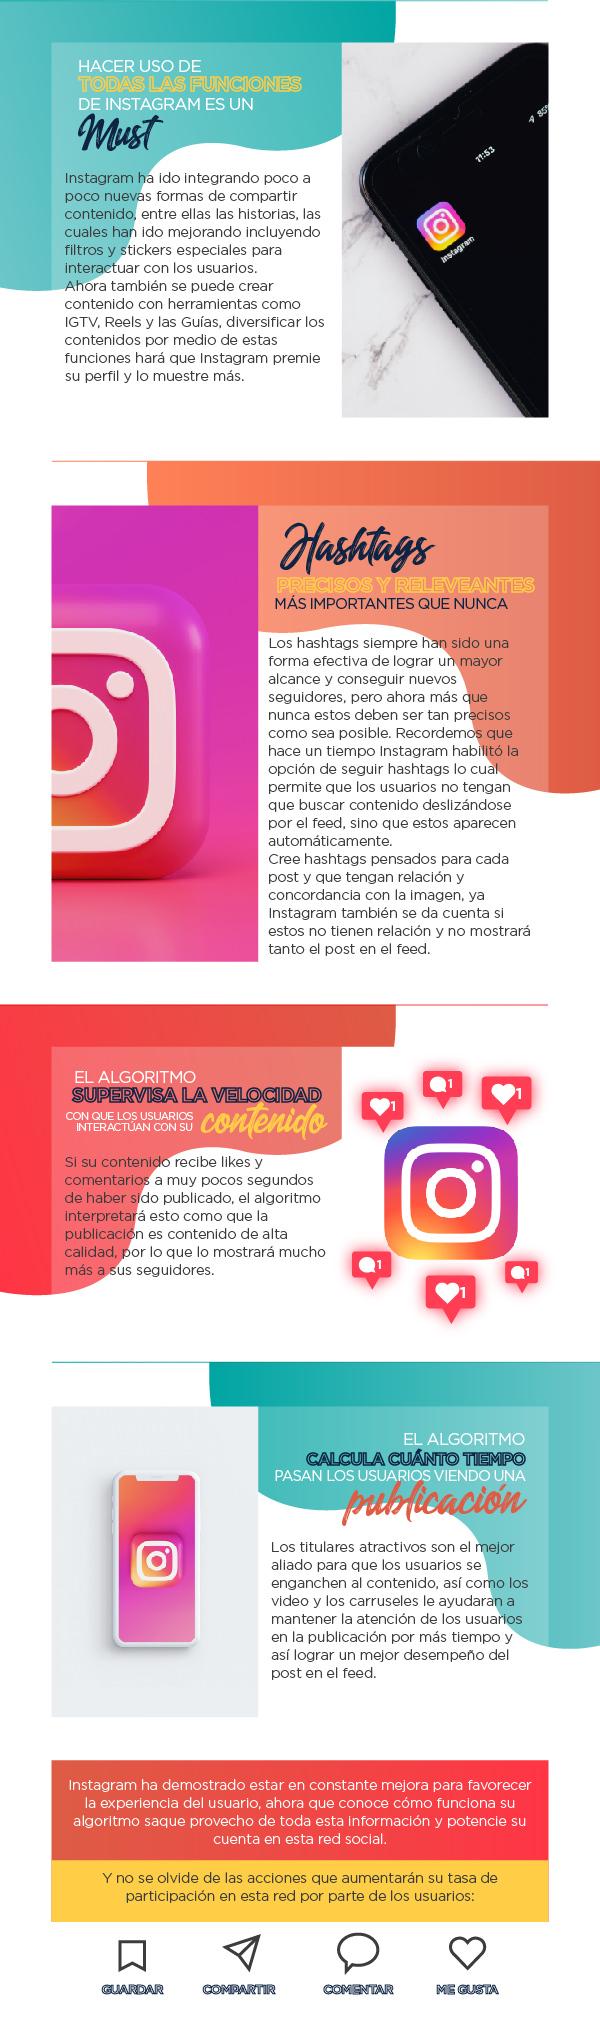 ¿Cómo funciona el algoritmo de Instagram?